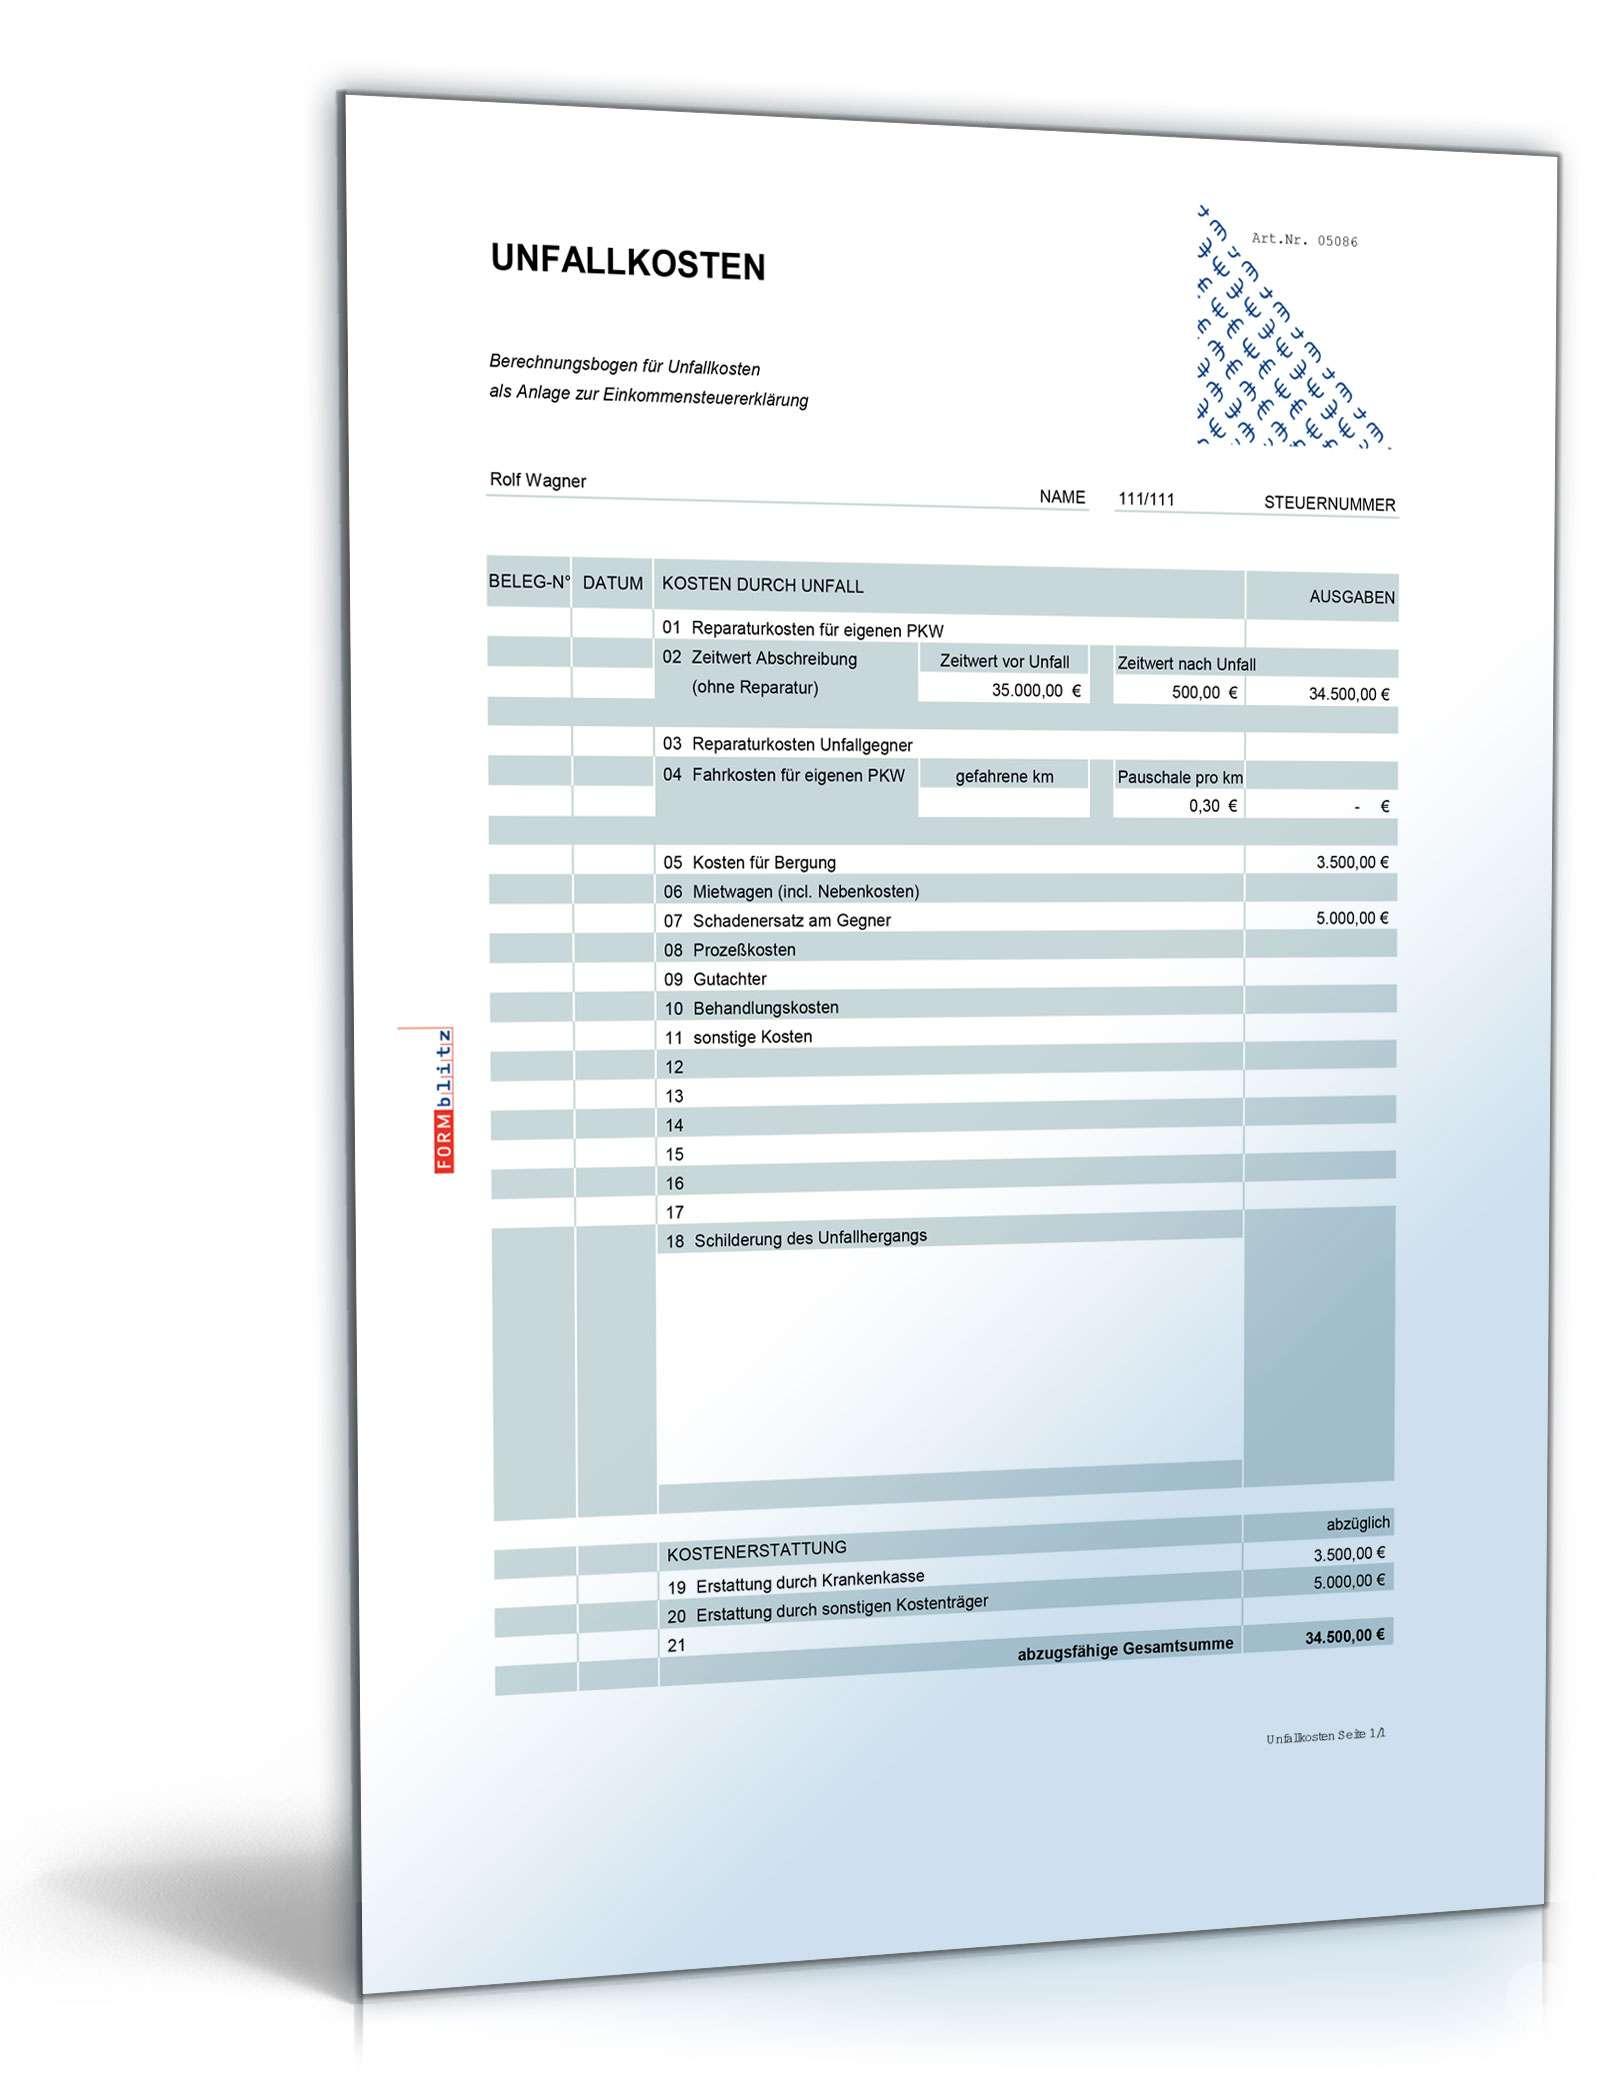 Rechentabelle Werbungskosten Unfallkosten Vorlage Zum Download